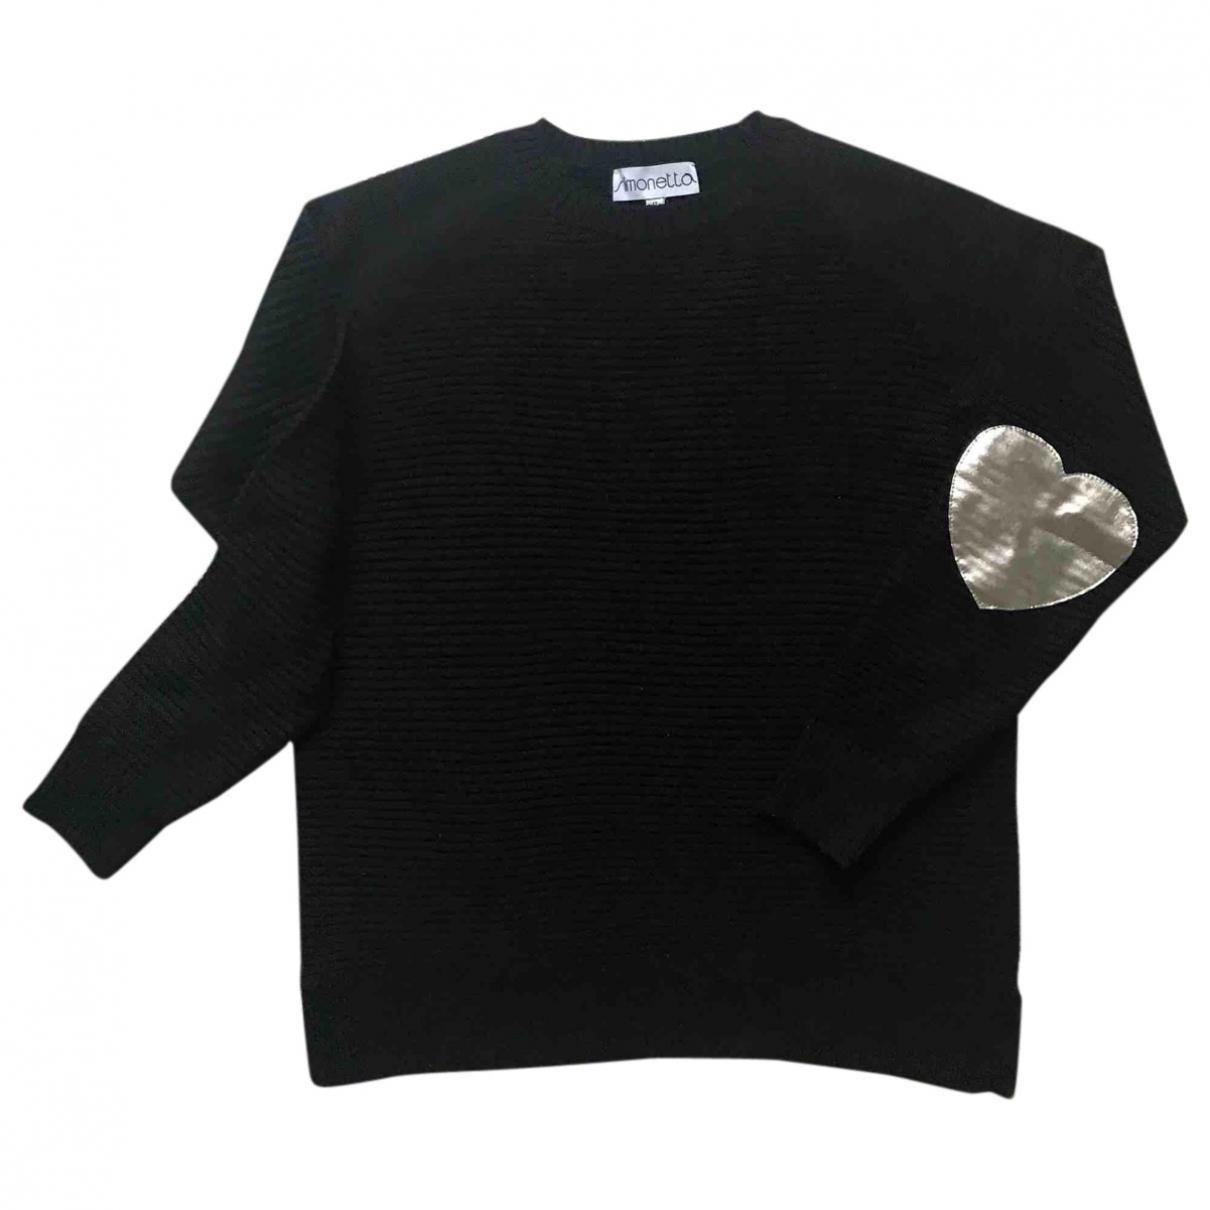 Simonetta \N Pullover, StrickJacke in  Schwarz Wolle